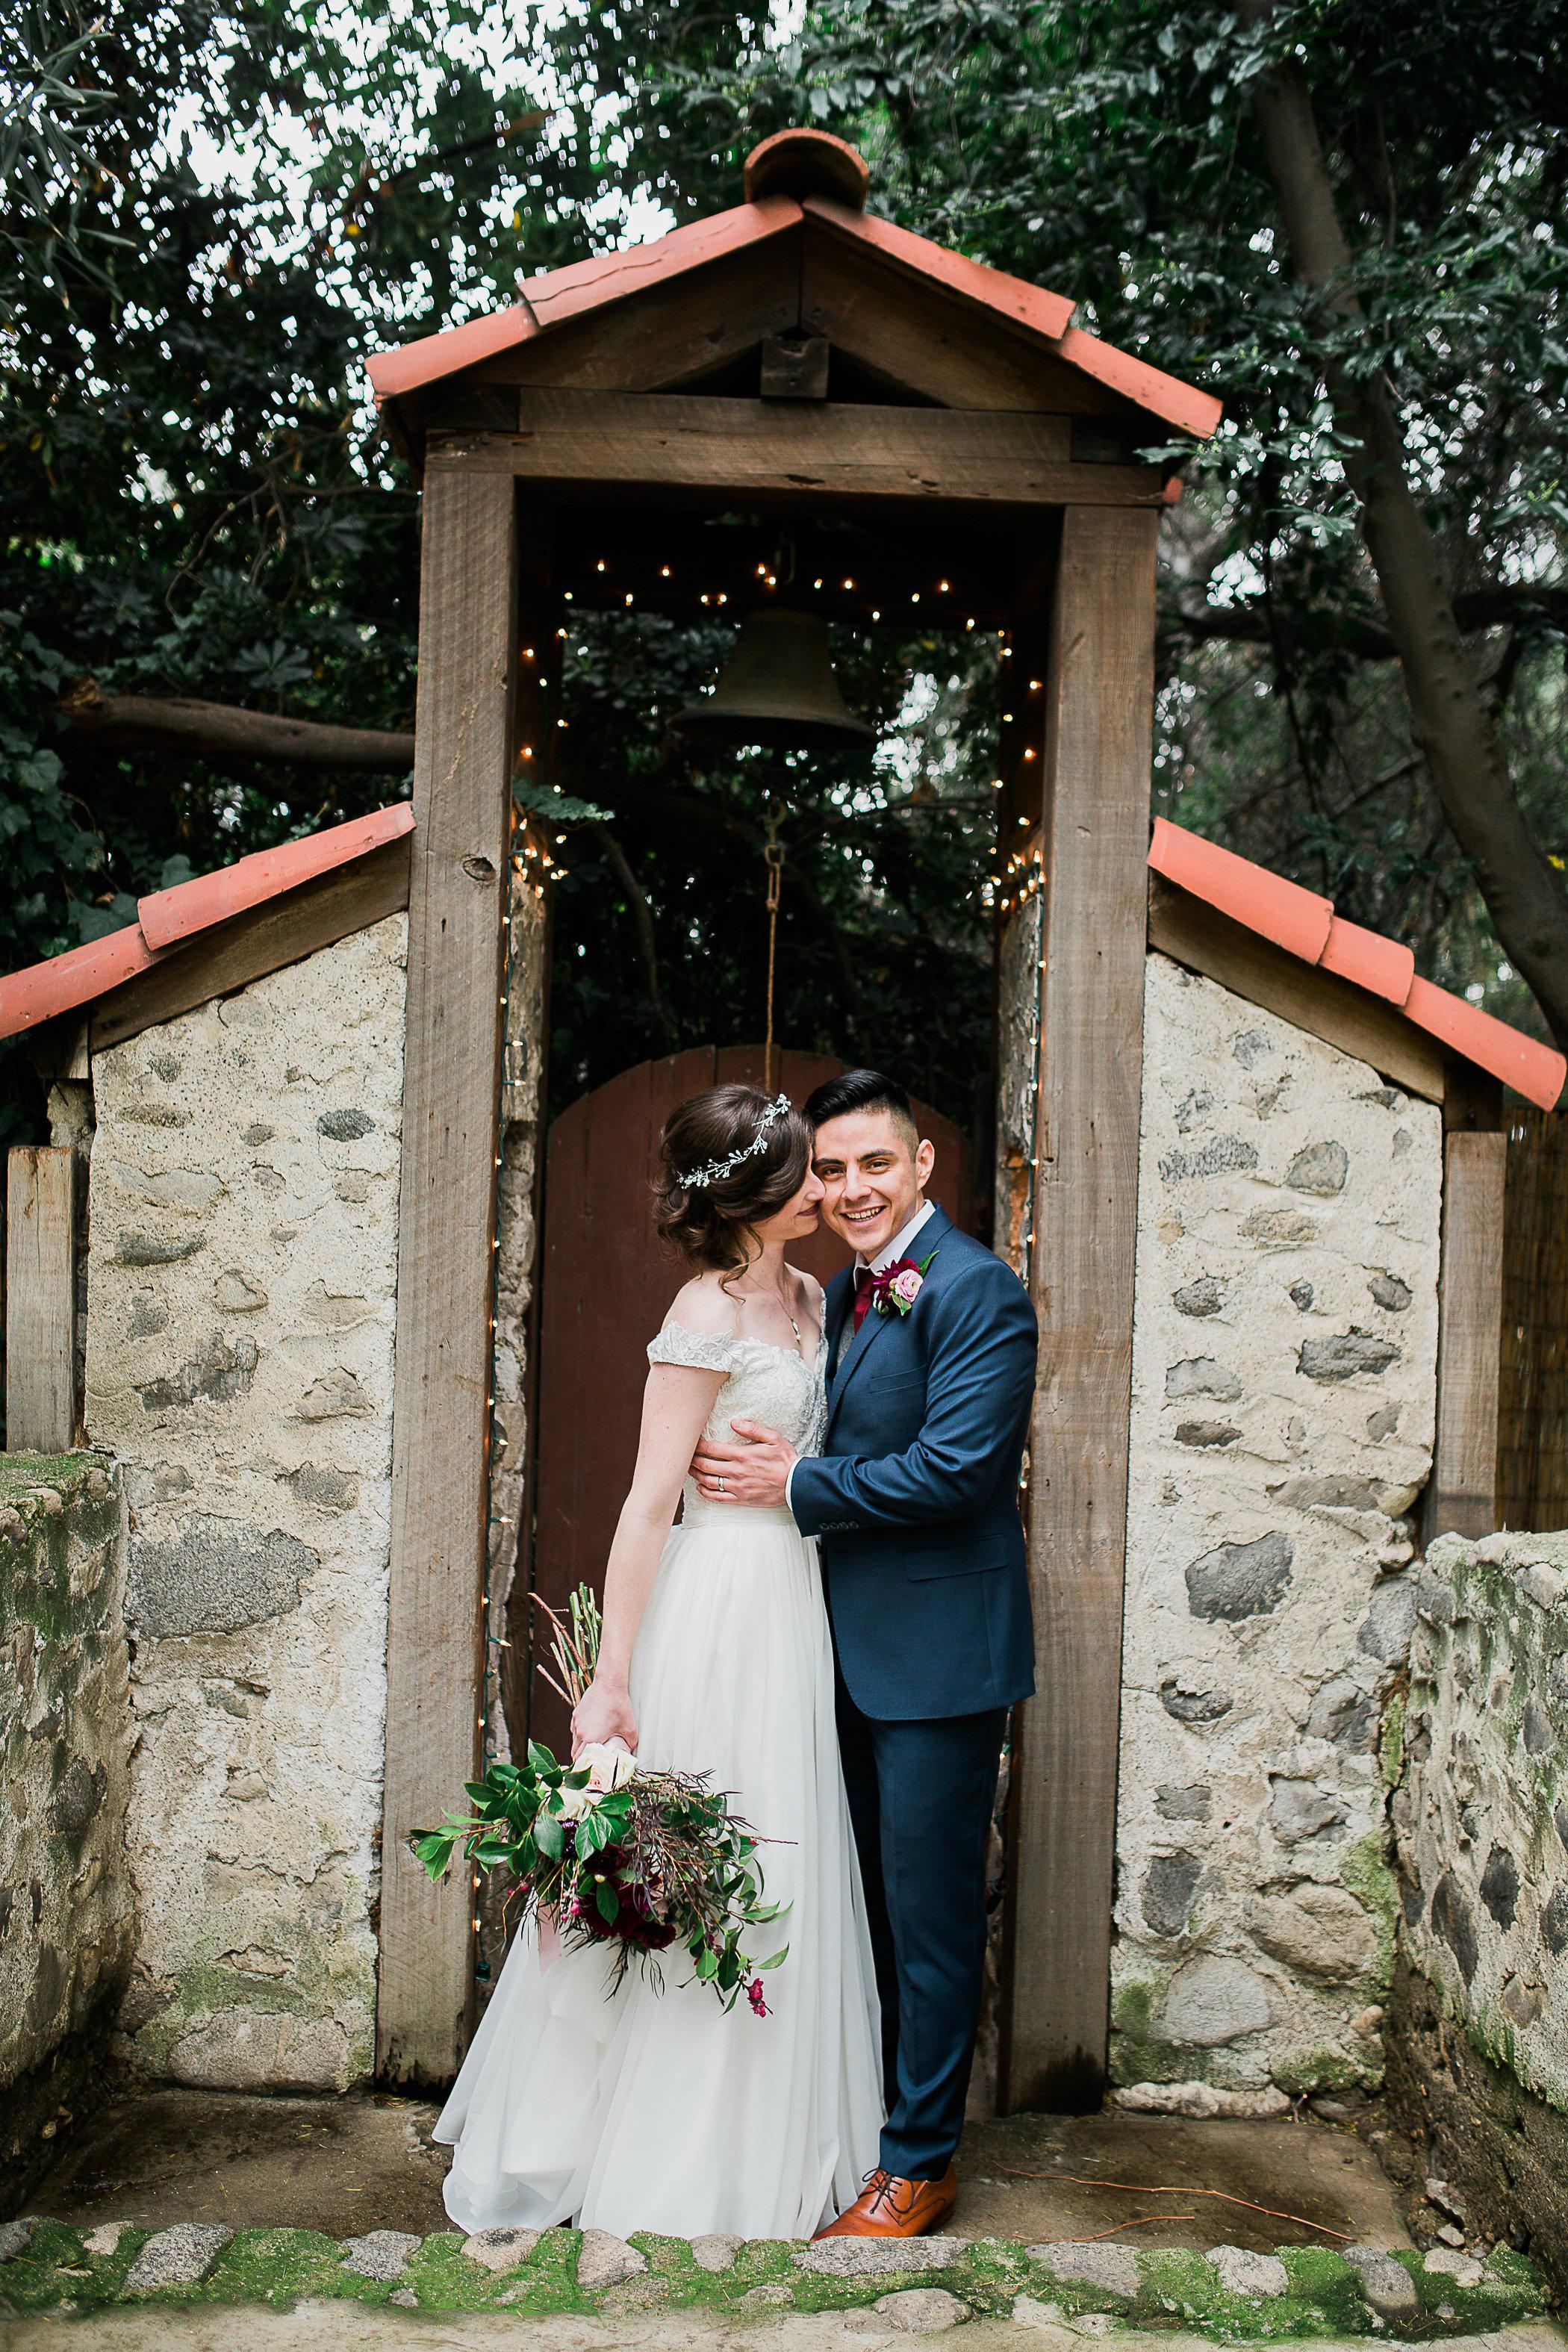 CUEVAS-WEDDING-SNEAK-PEEK-0070.jpg